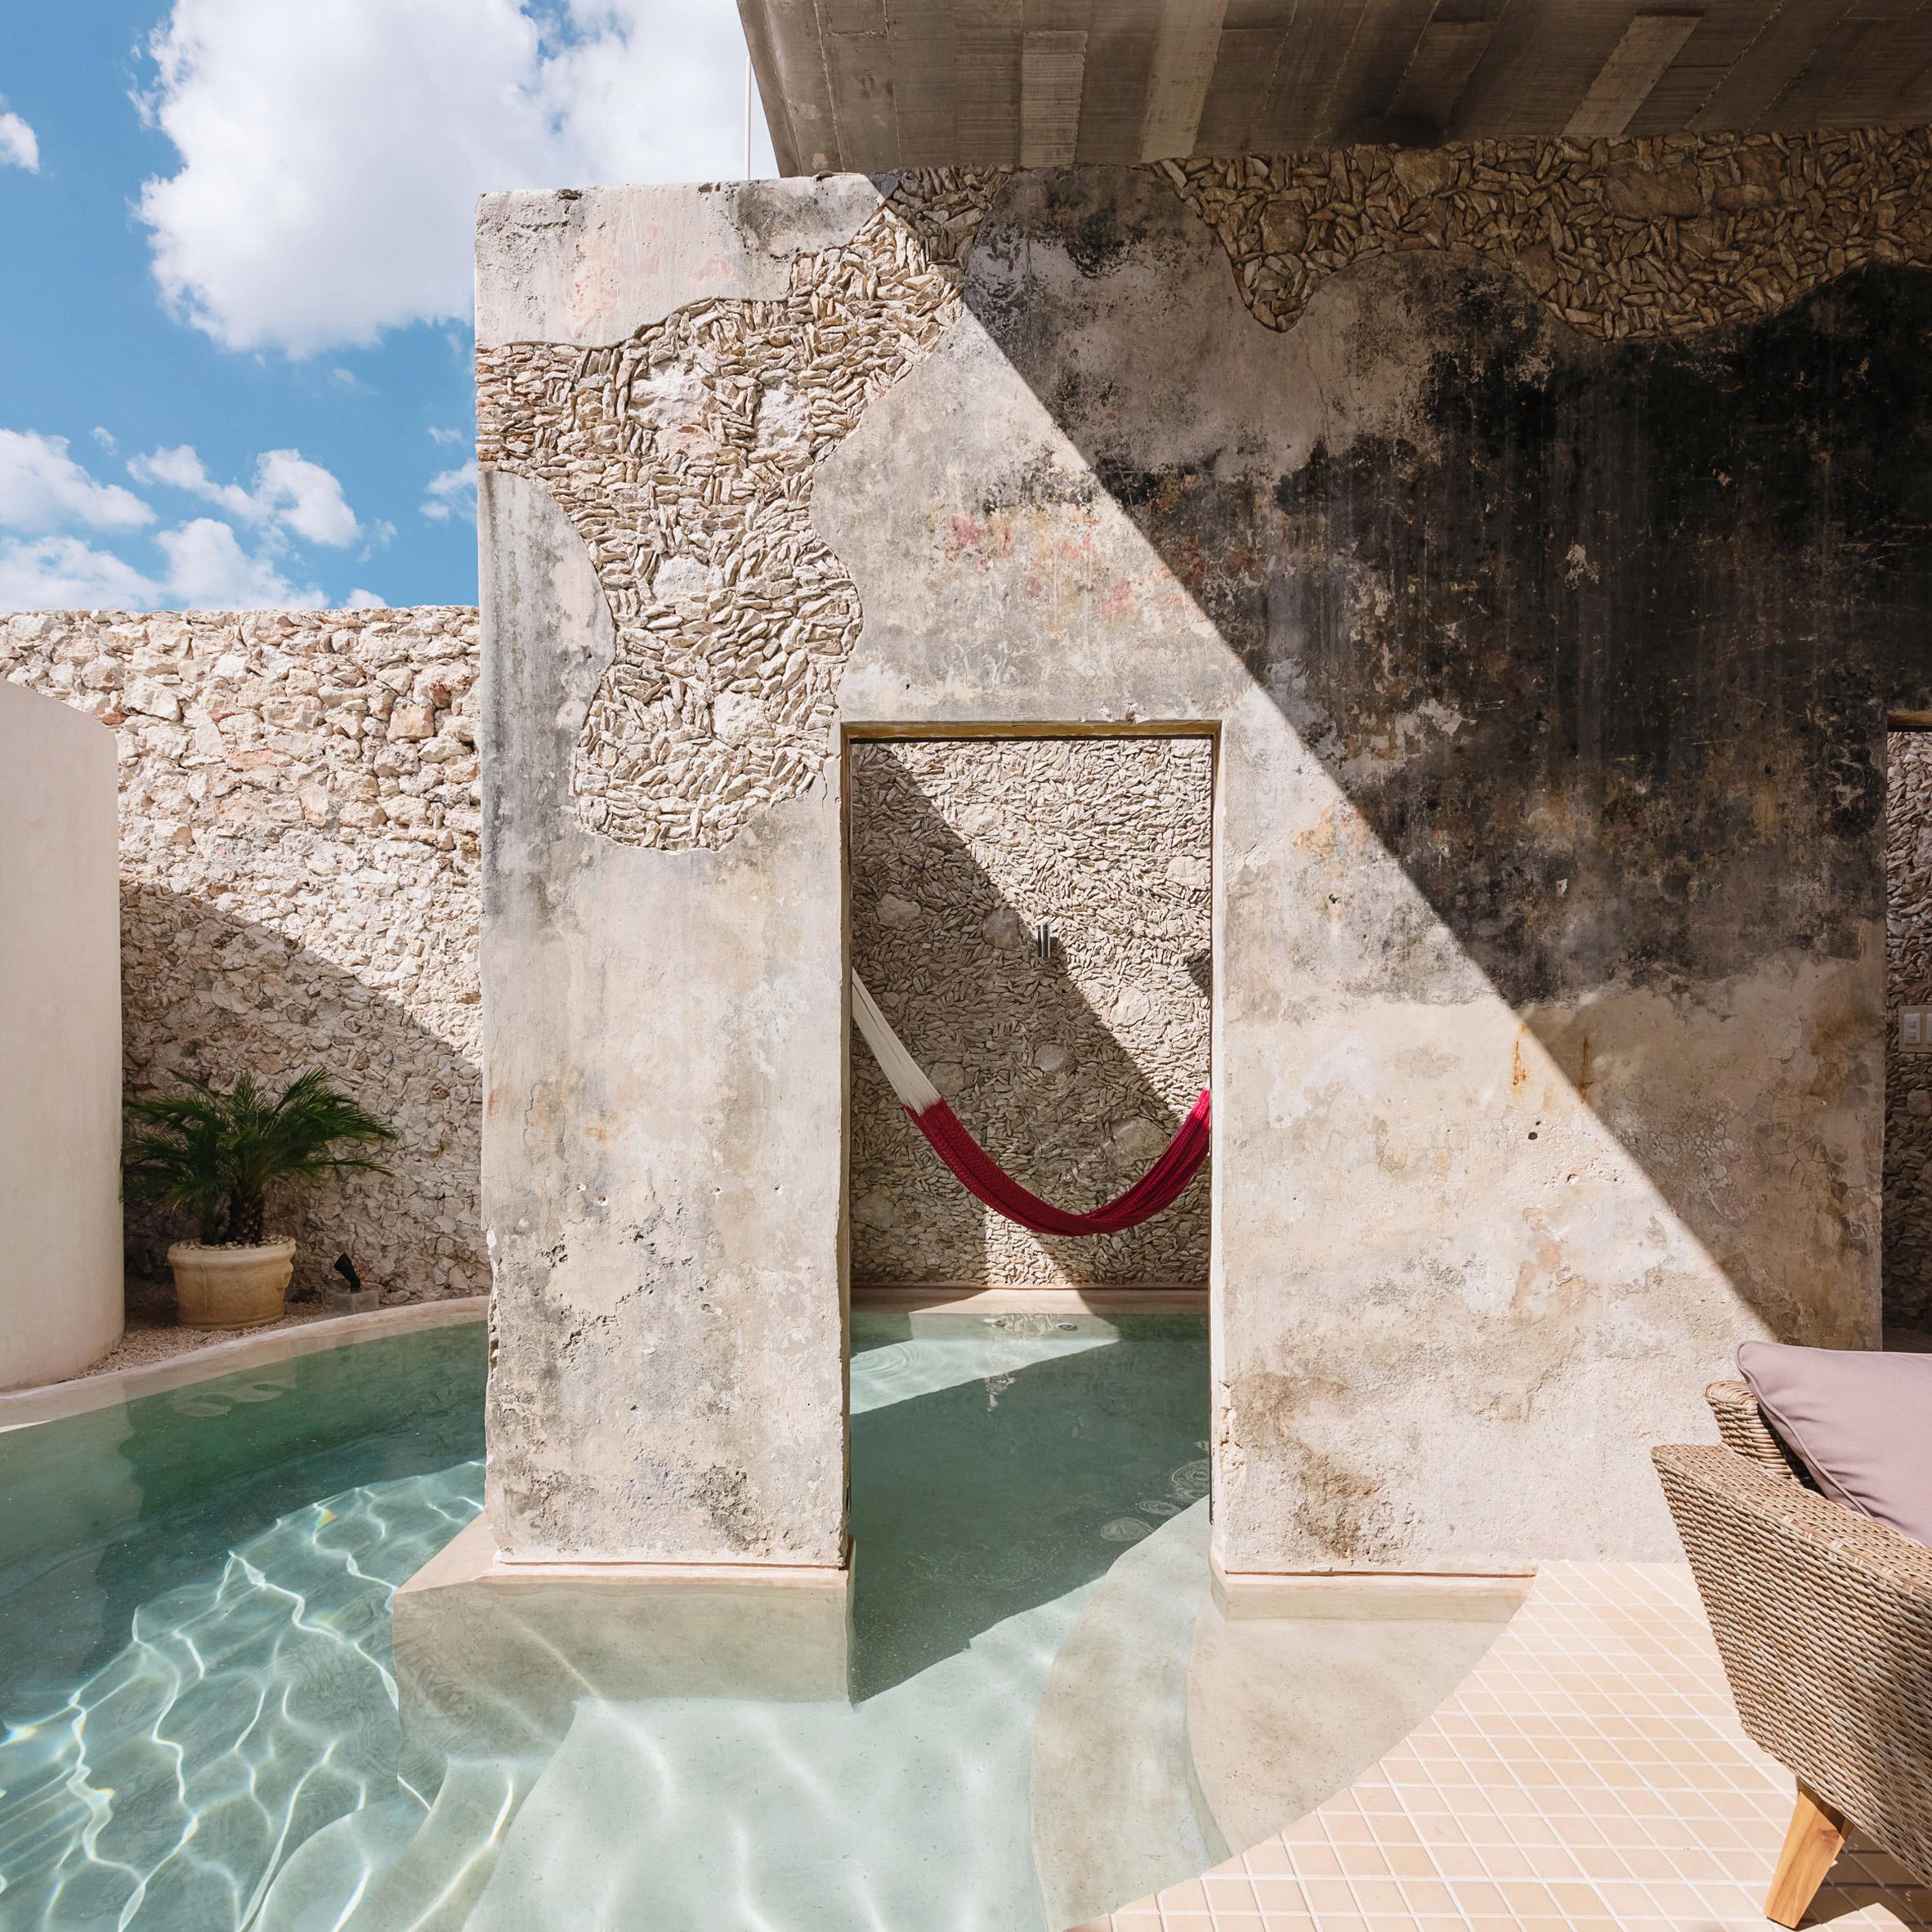 Architectural swimming pools: Casa Xólotl by Punto Arquitectónico